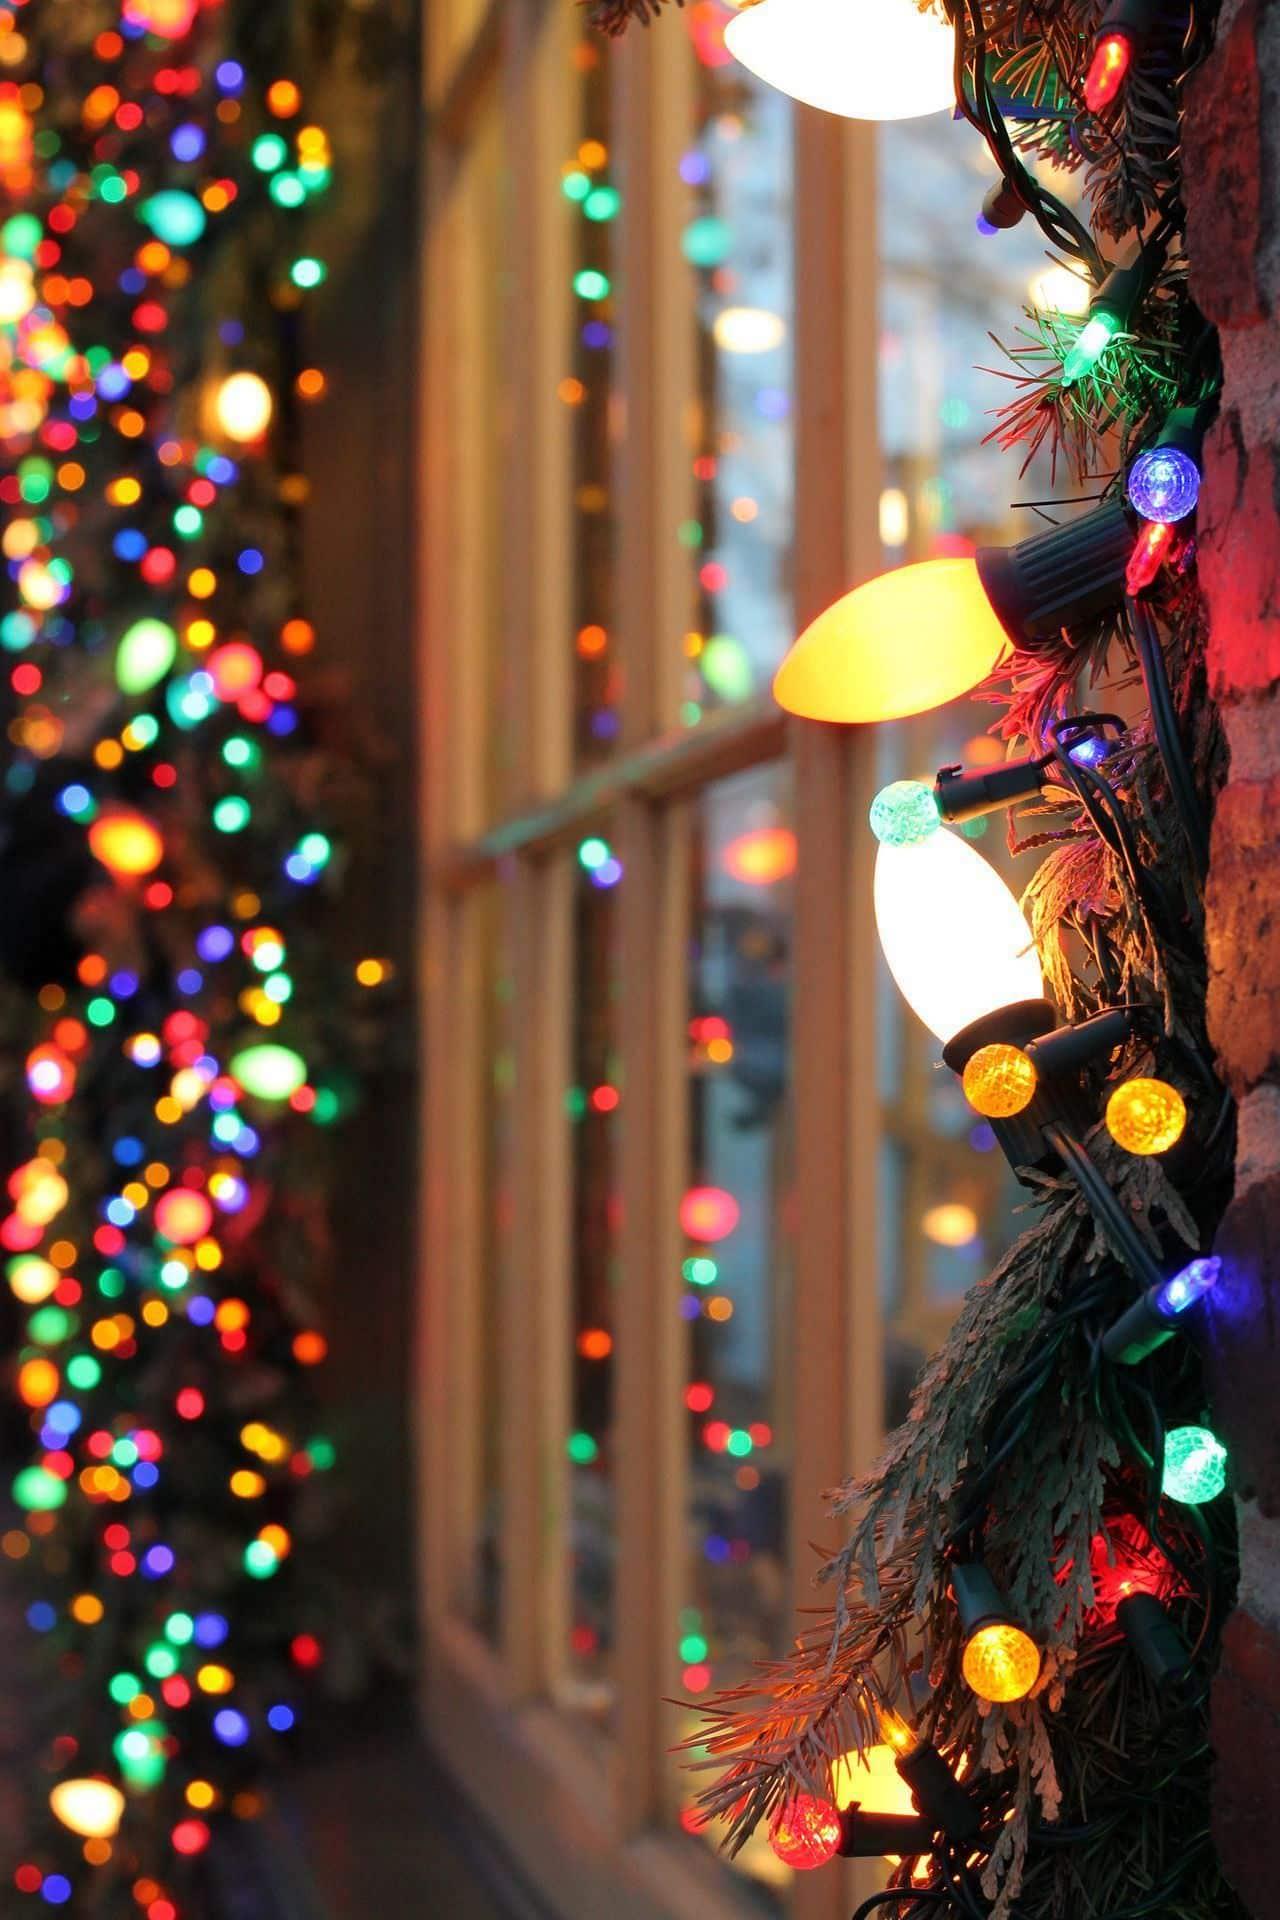 Запах елки и сверкающие огоньки гирлянды создают особую сказочную атмосферу волшебства